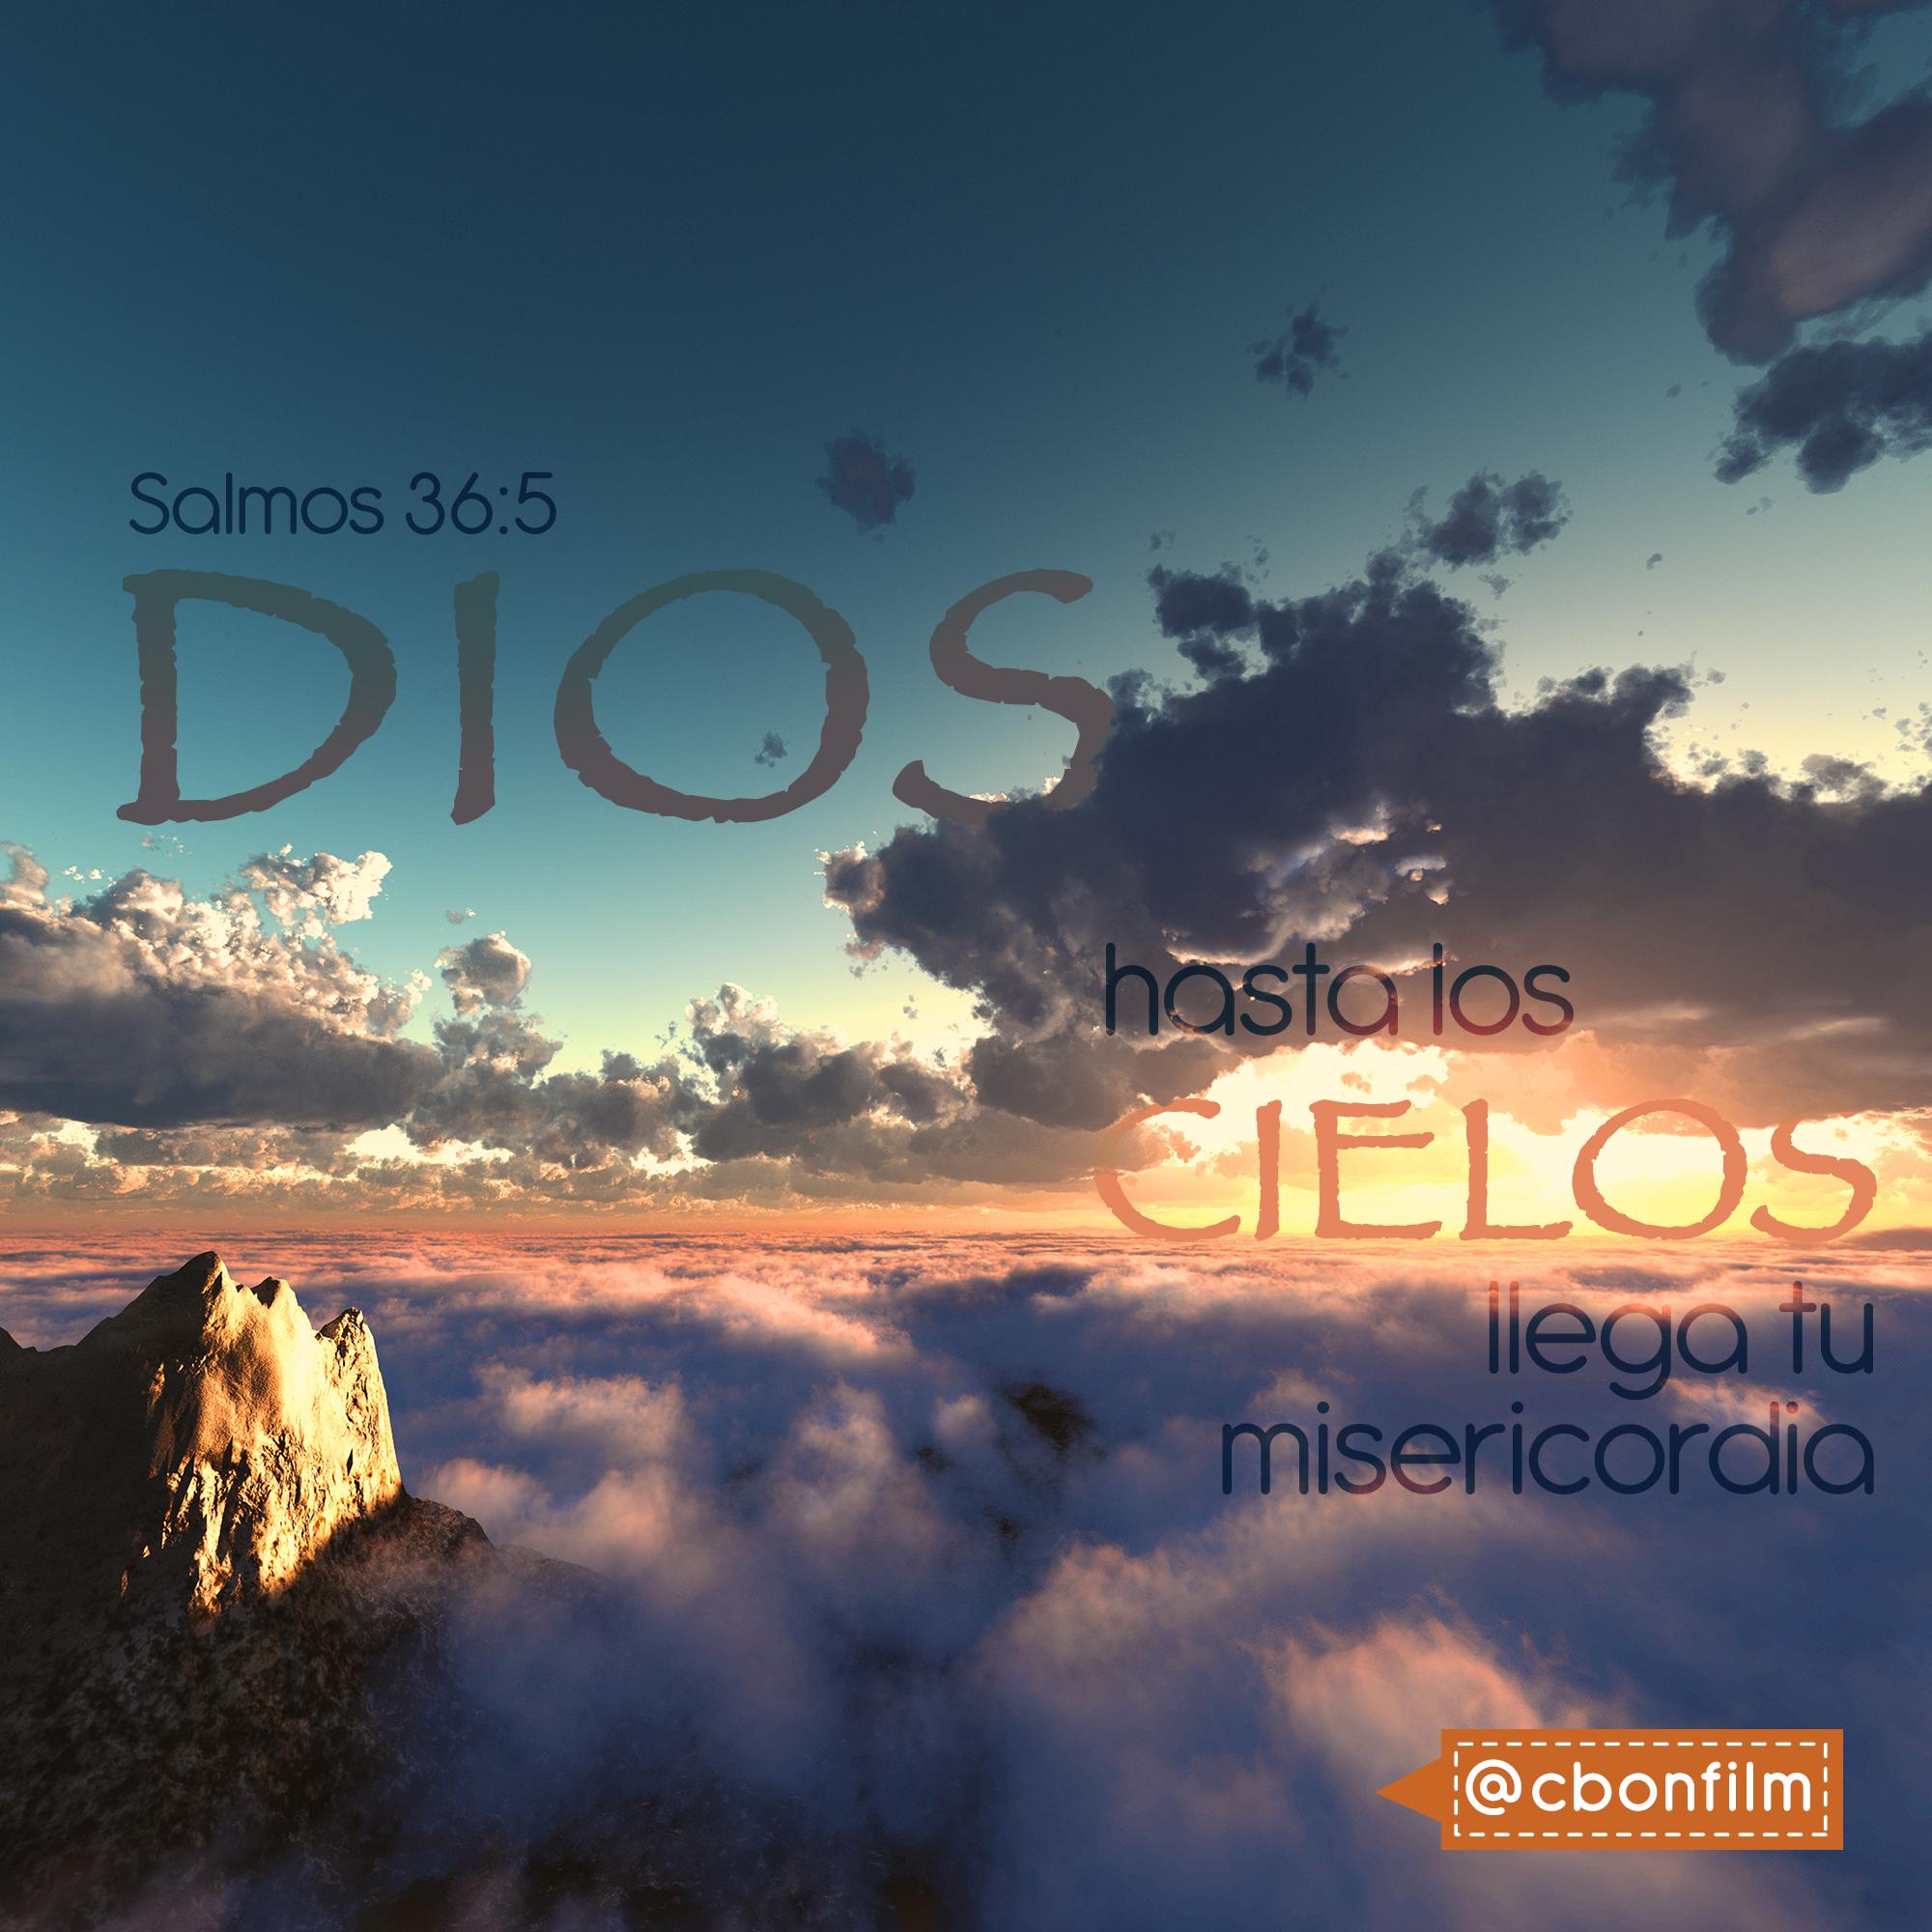 Christian Desktop Wallpaper: Christian Wallpaper In Spanish